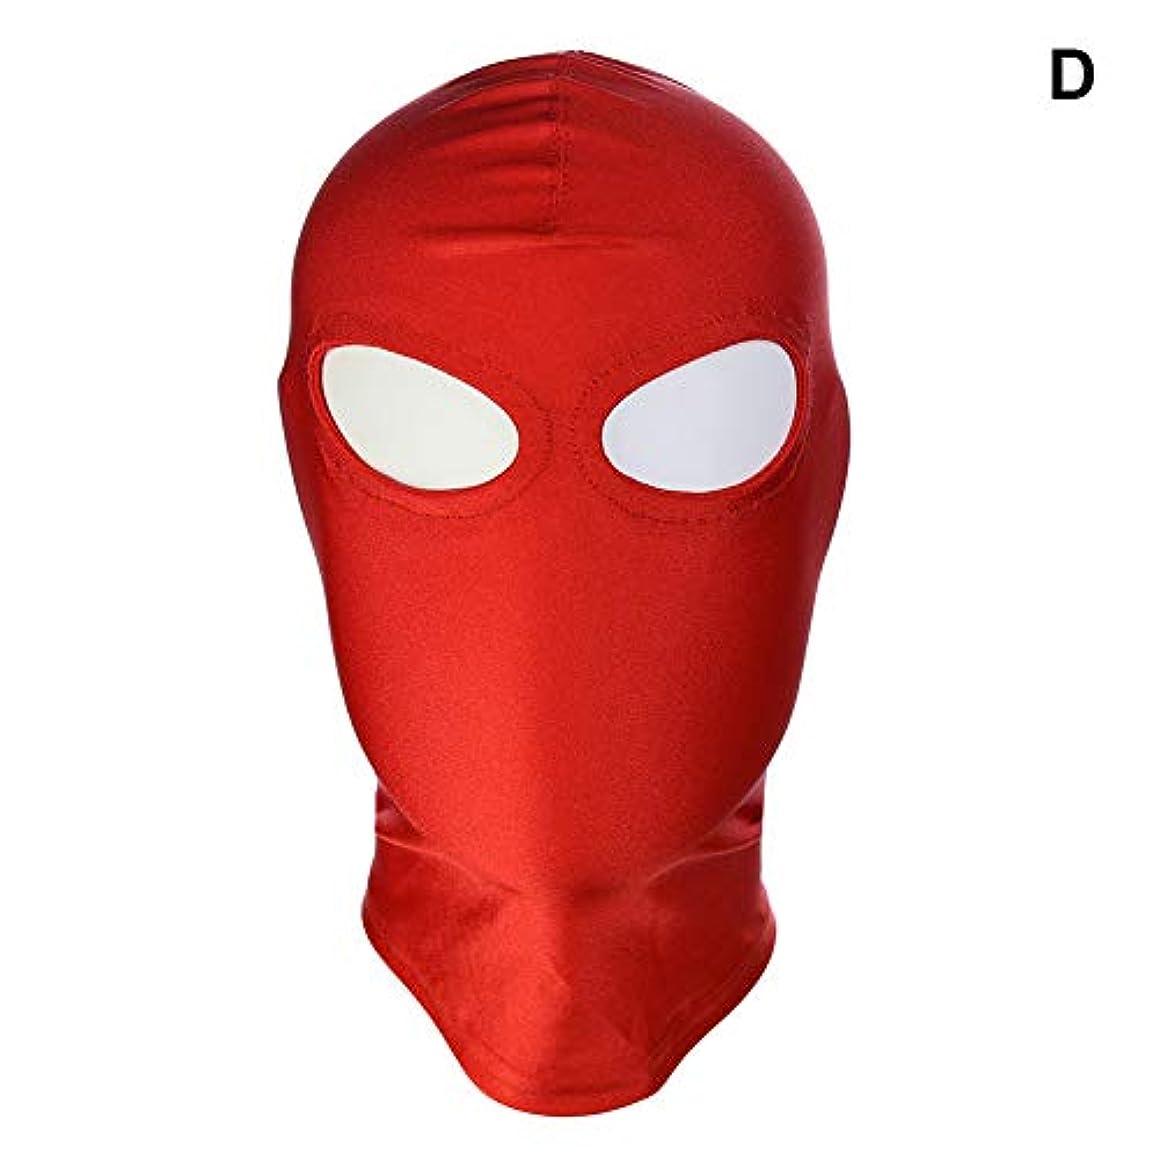 行政拮抗するコンベンションAlligado 1ピースマスクフードセックスグッズ製品ゲームコスプレボンデージヘッドギア安全なハロウィーンギフト